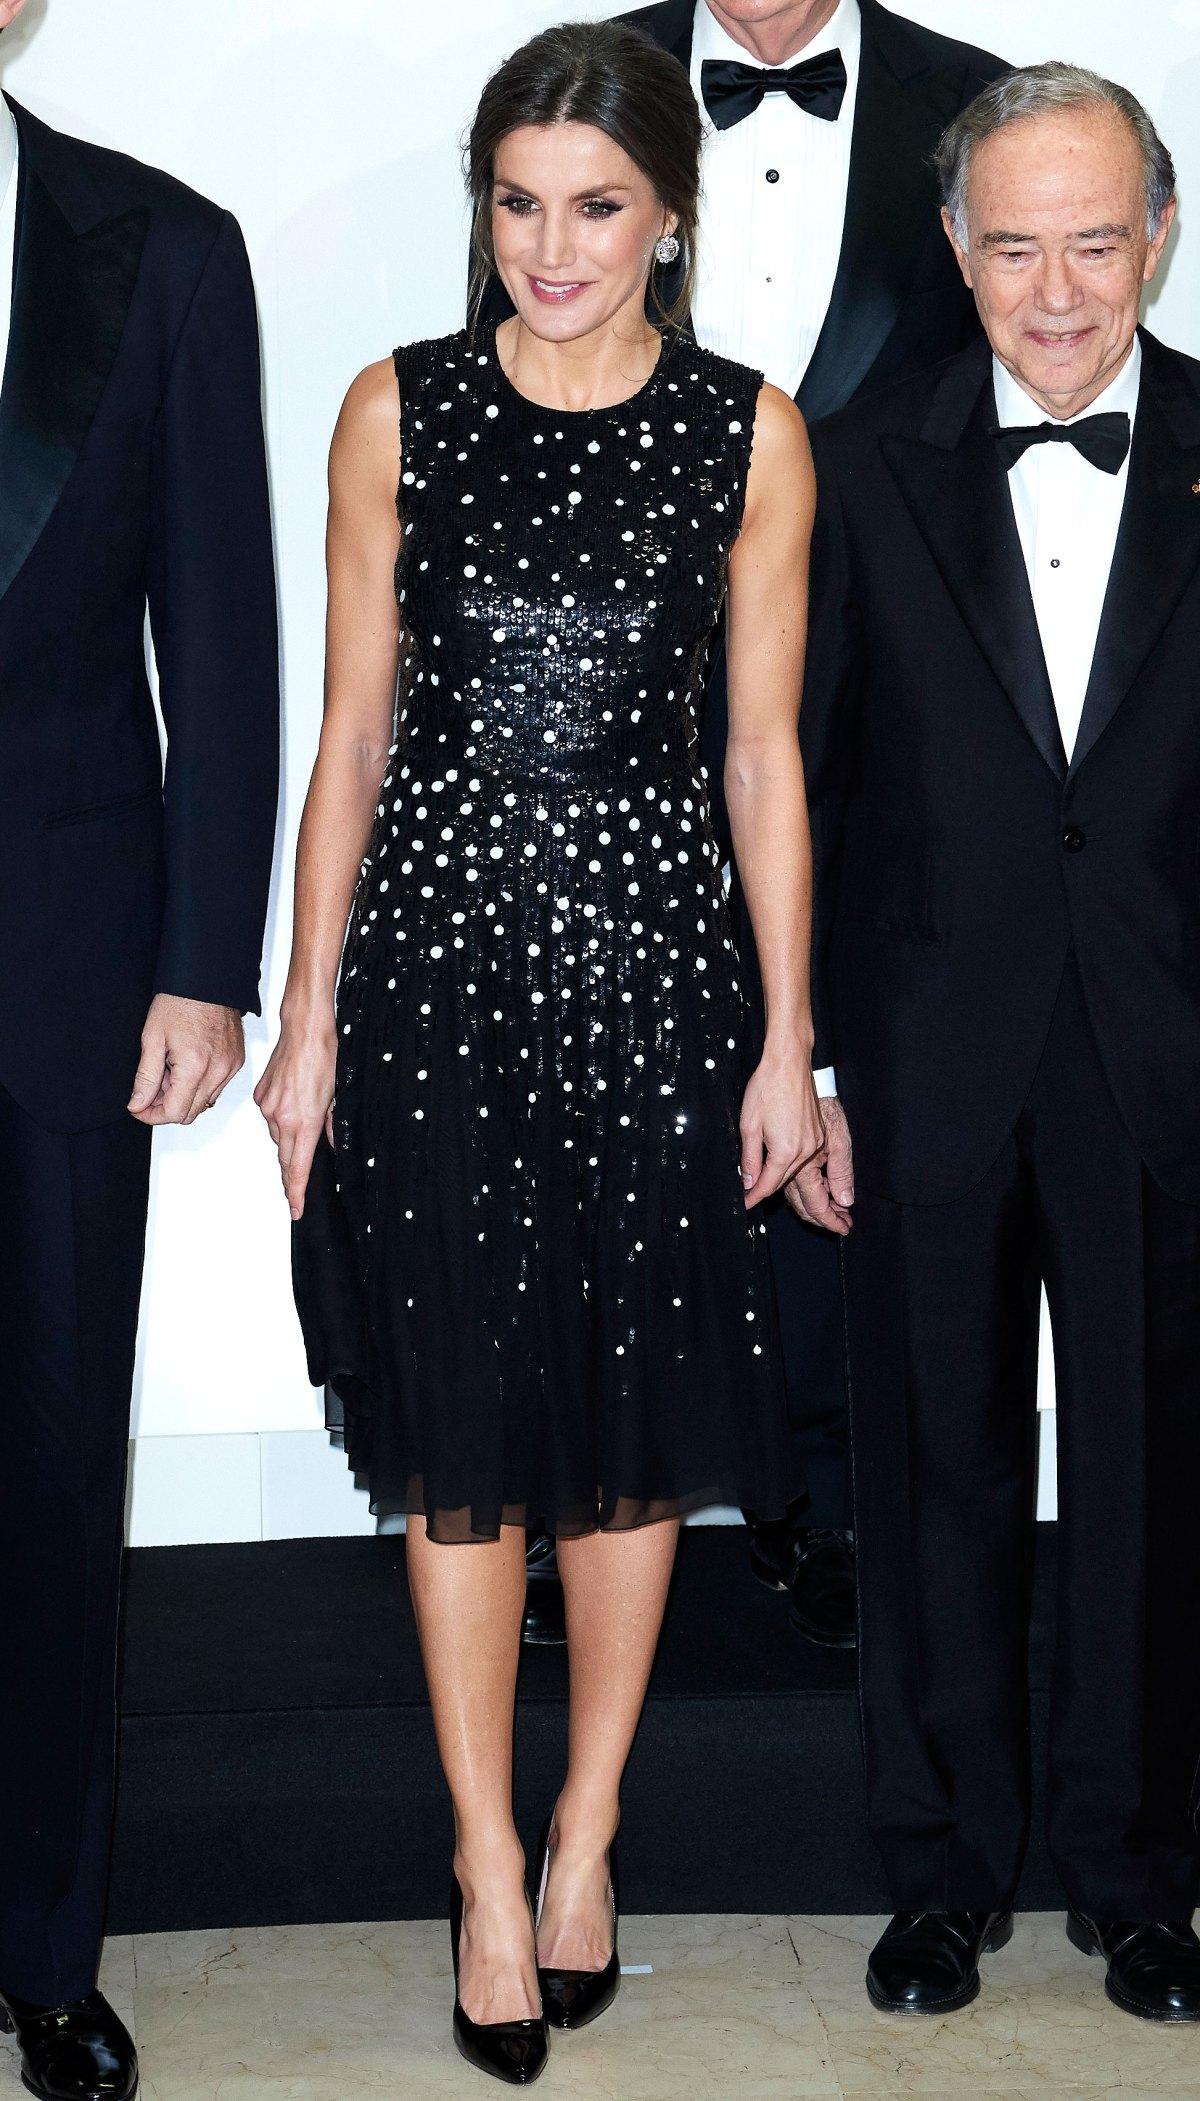 Queen Letizia of Spain Best Dresses, Outfits: Pics